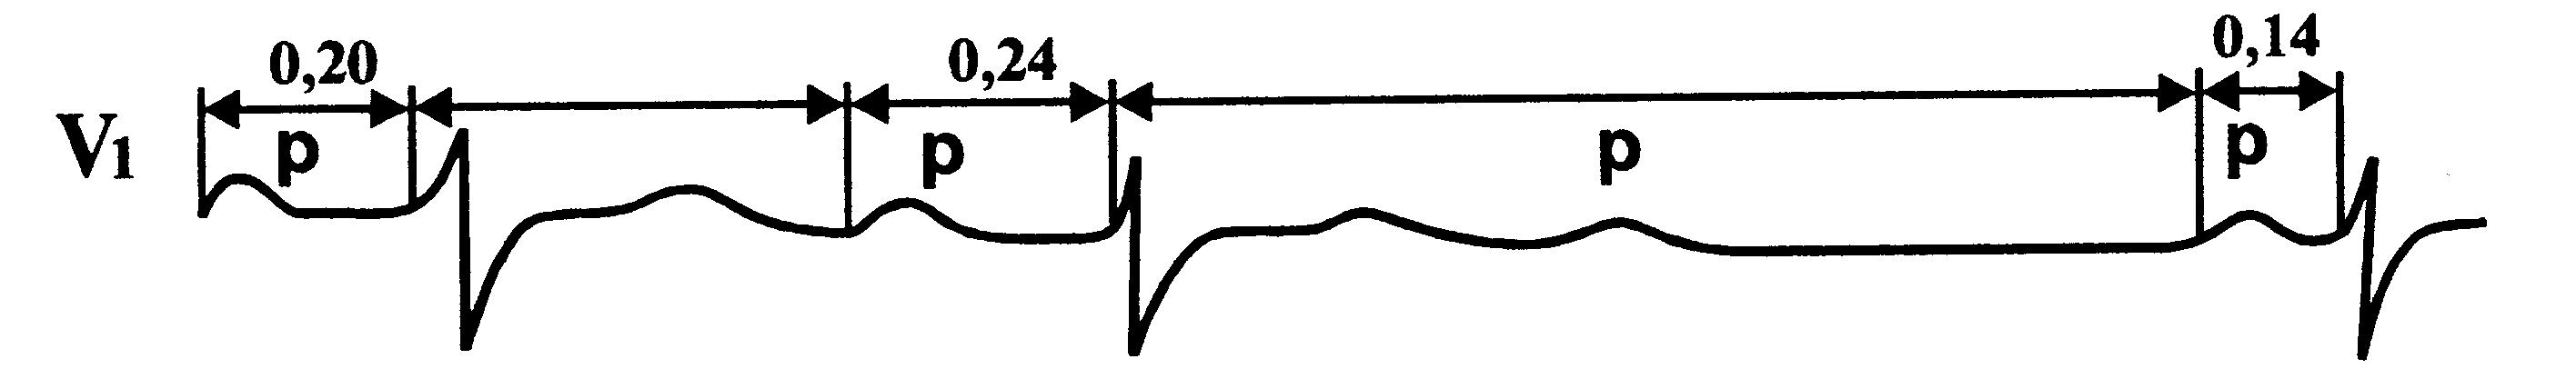 Признаки синоатриальной блокады на ЭКГ